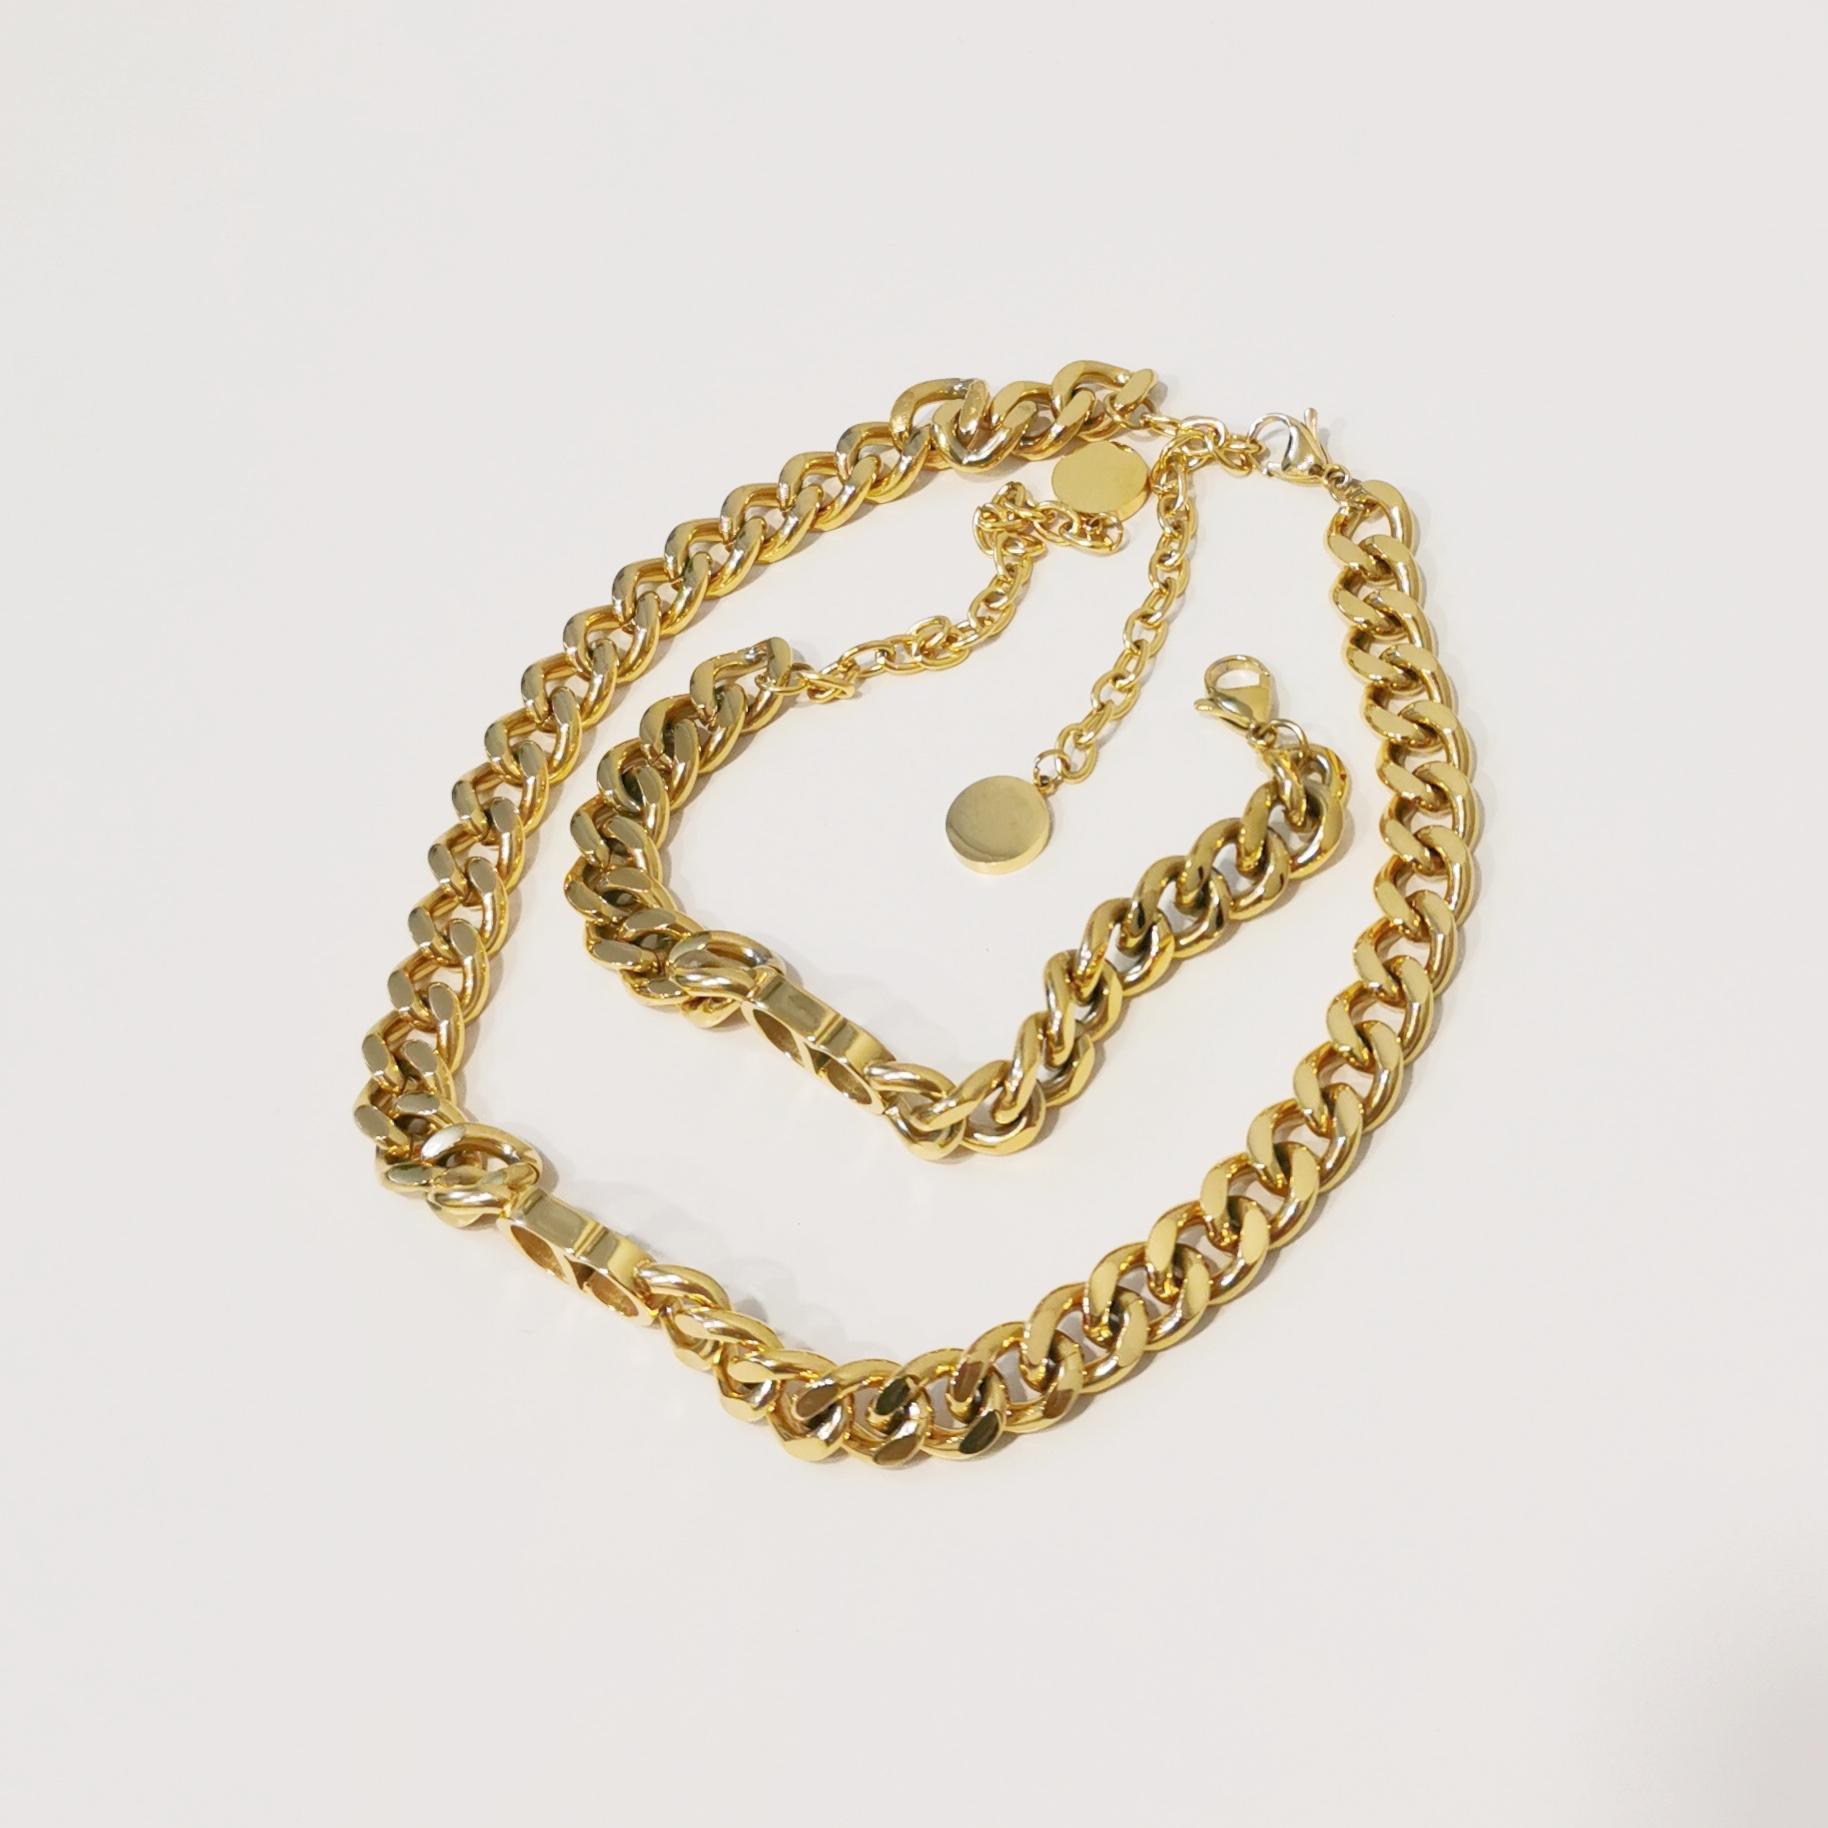 مصمم فاخر مجوهرات النساء المختنقون القلائد الذهب سلاسل كوبية للرجال مع د قلادة الفولاذ المقاوم للصدأ سوار أقراط مجموعة أزياء نمط